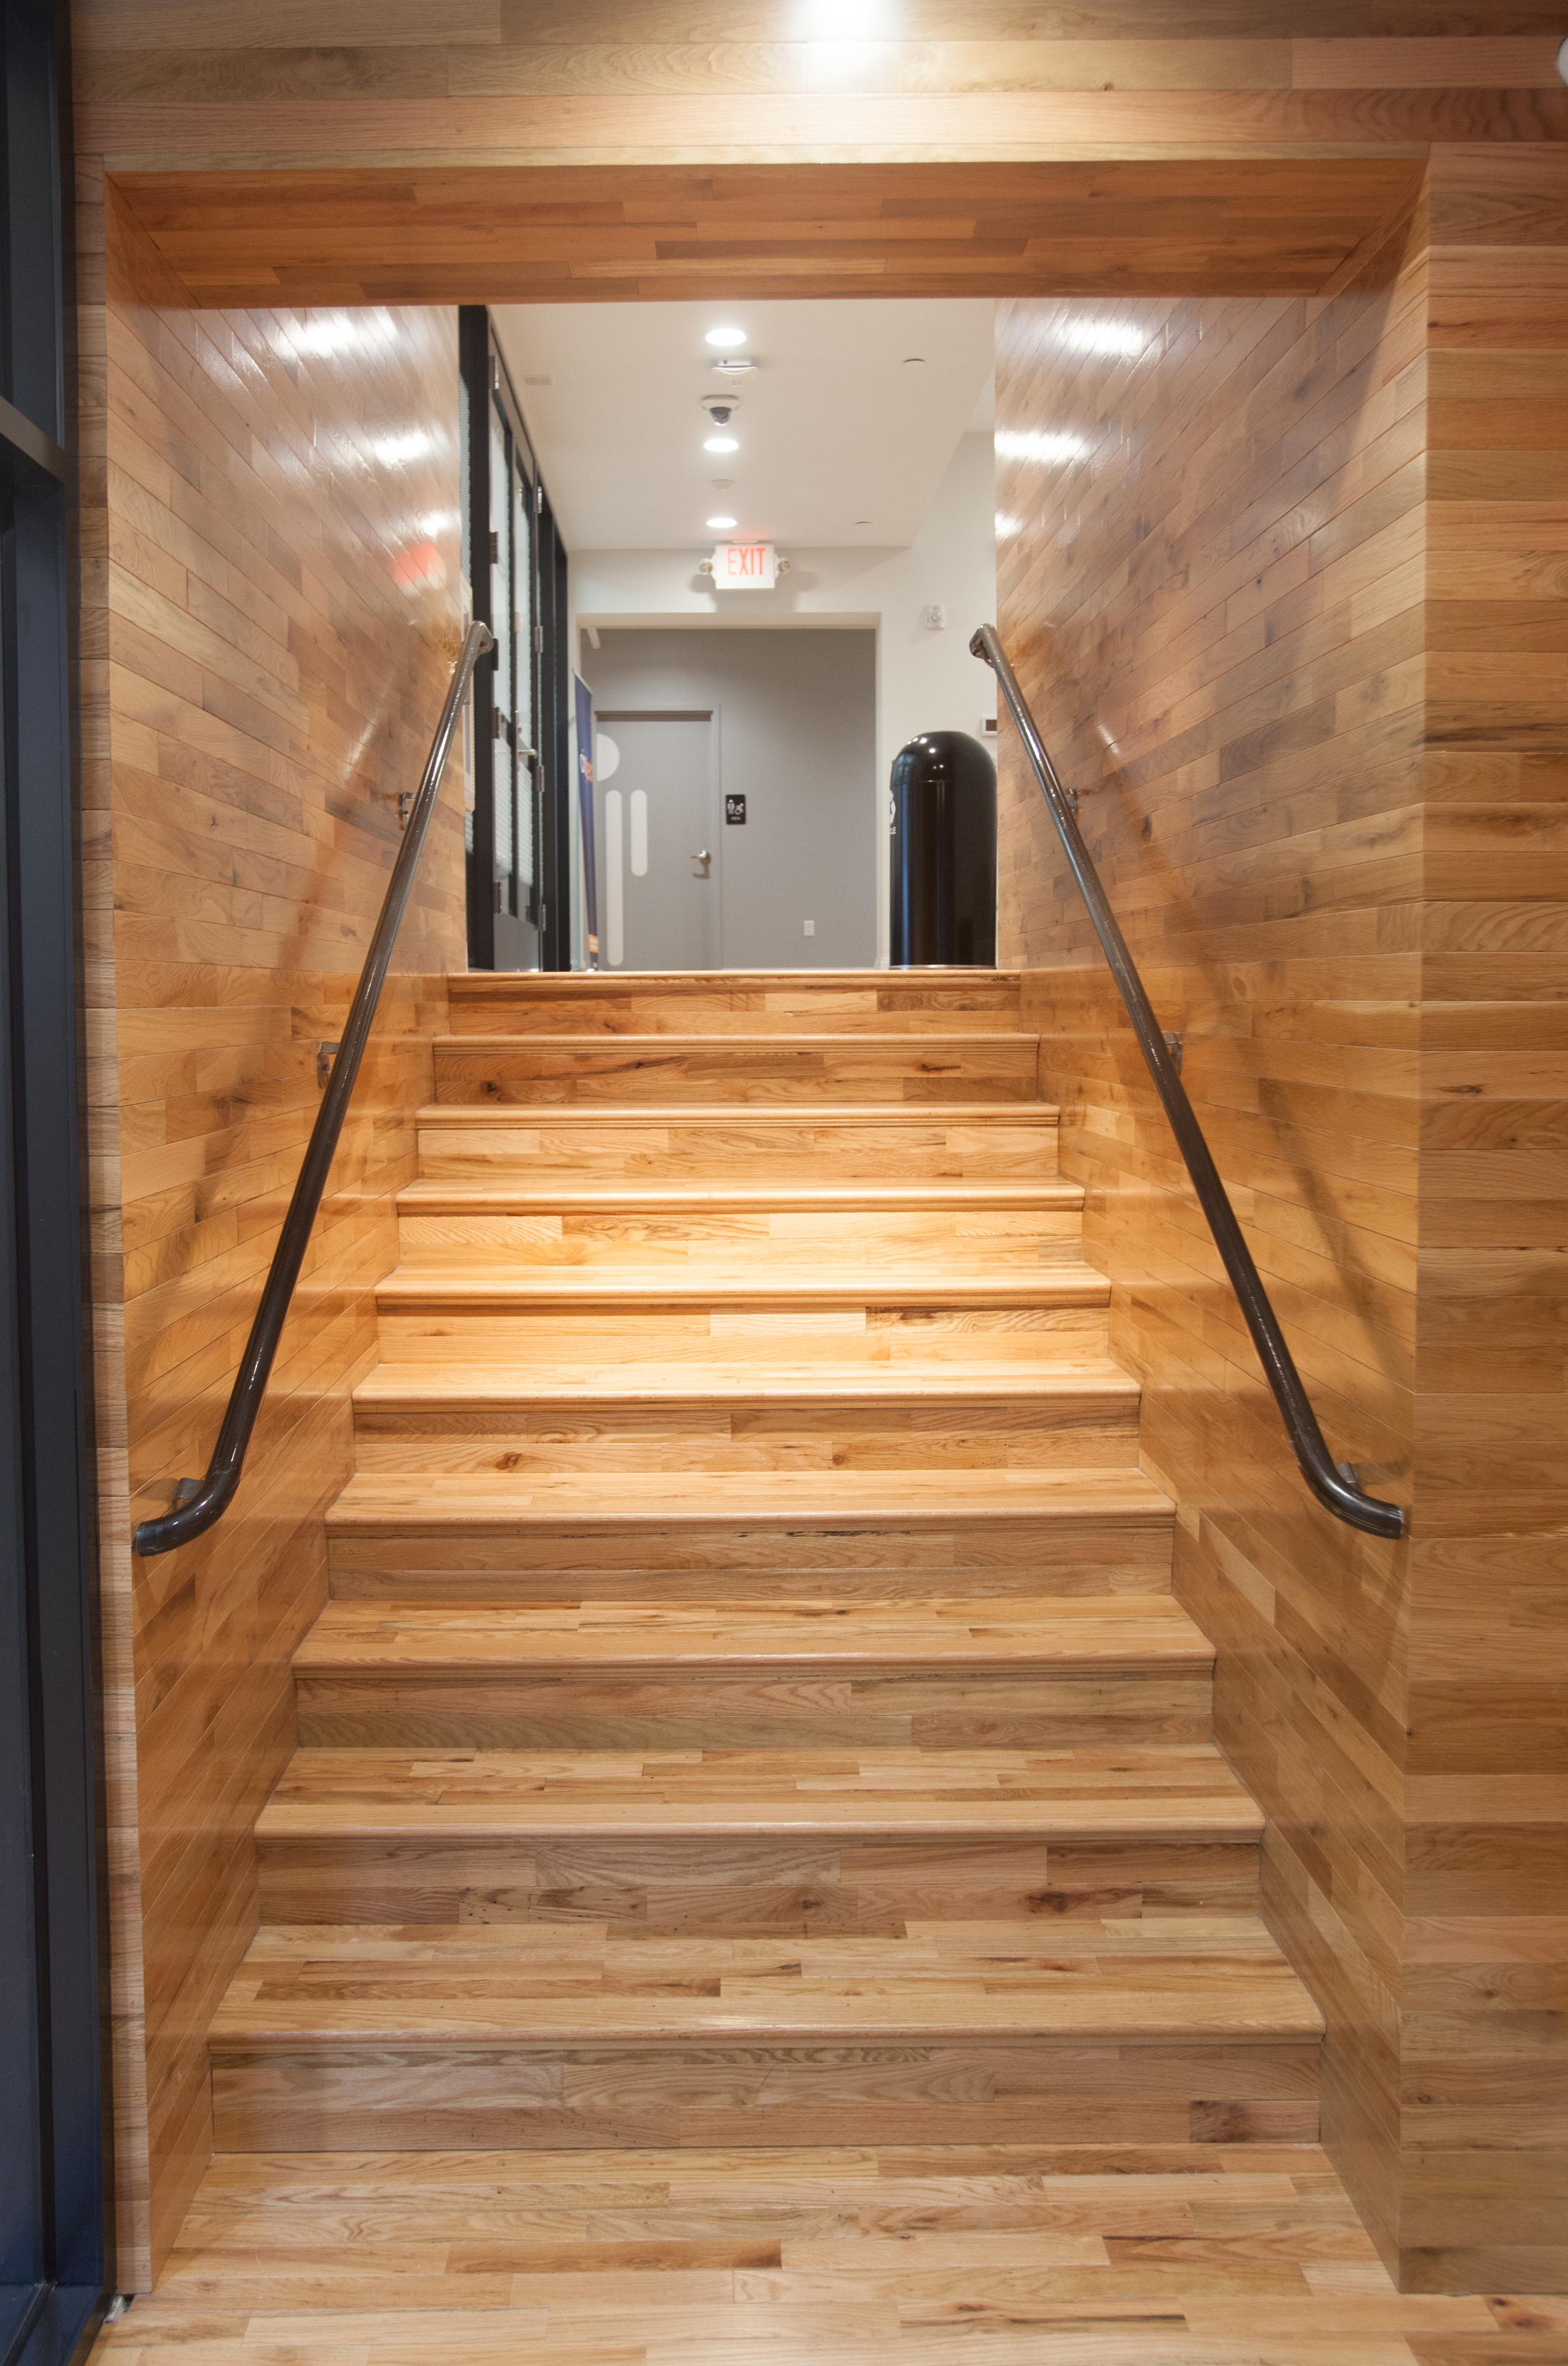 Cintrifuse Union Hall Stair